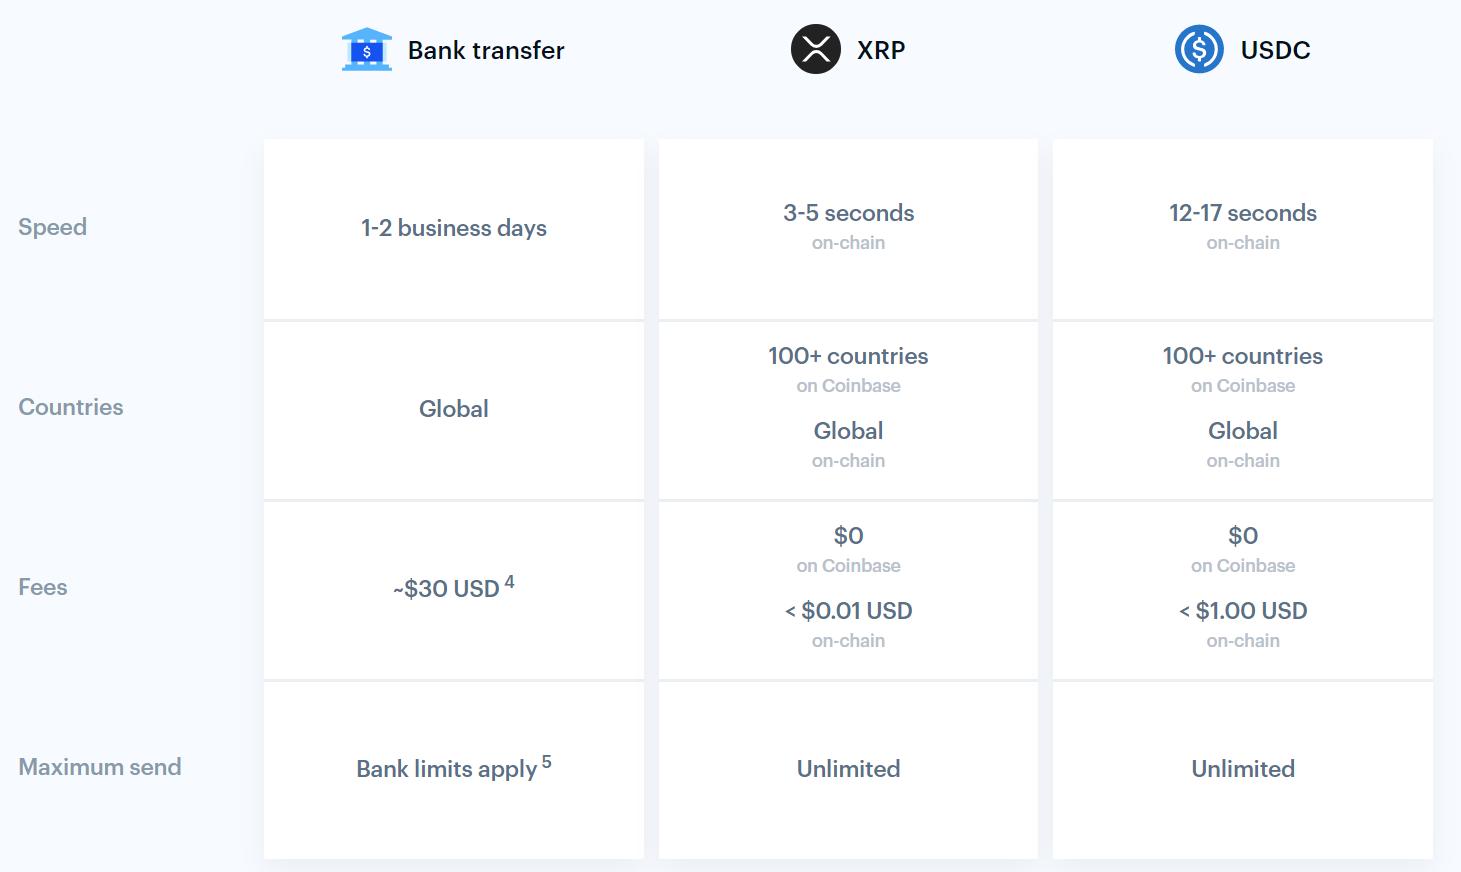 跨境支付应该用哪种加密资产?Coinbase推荐XRP和USDC